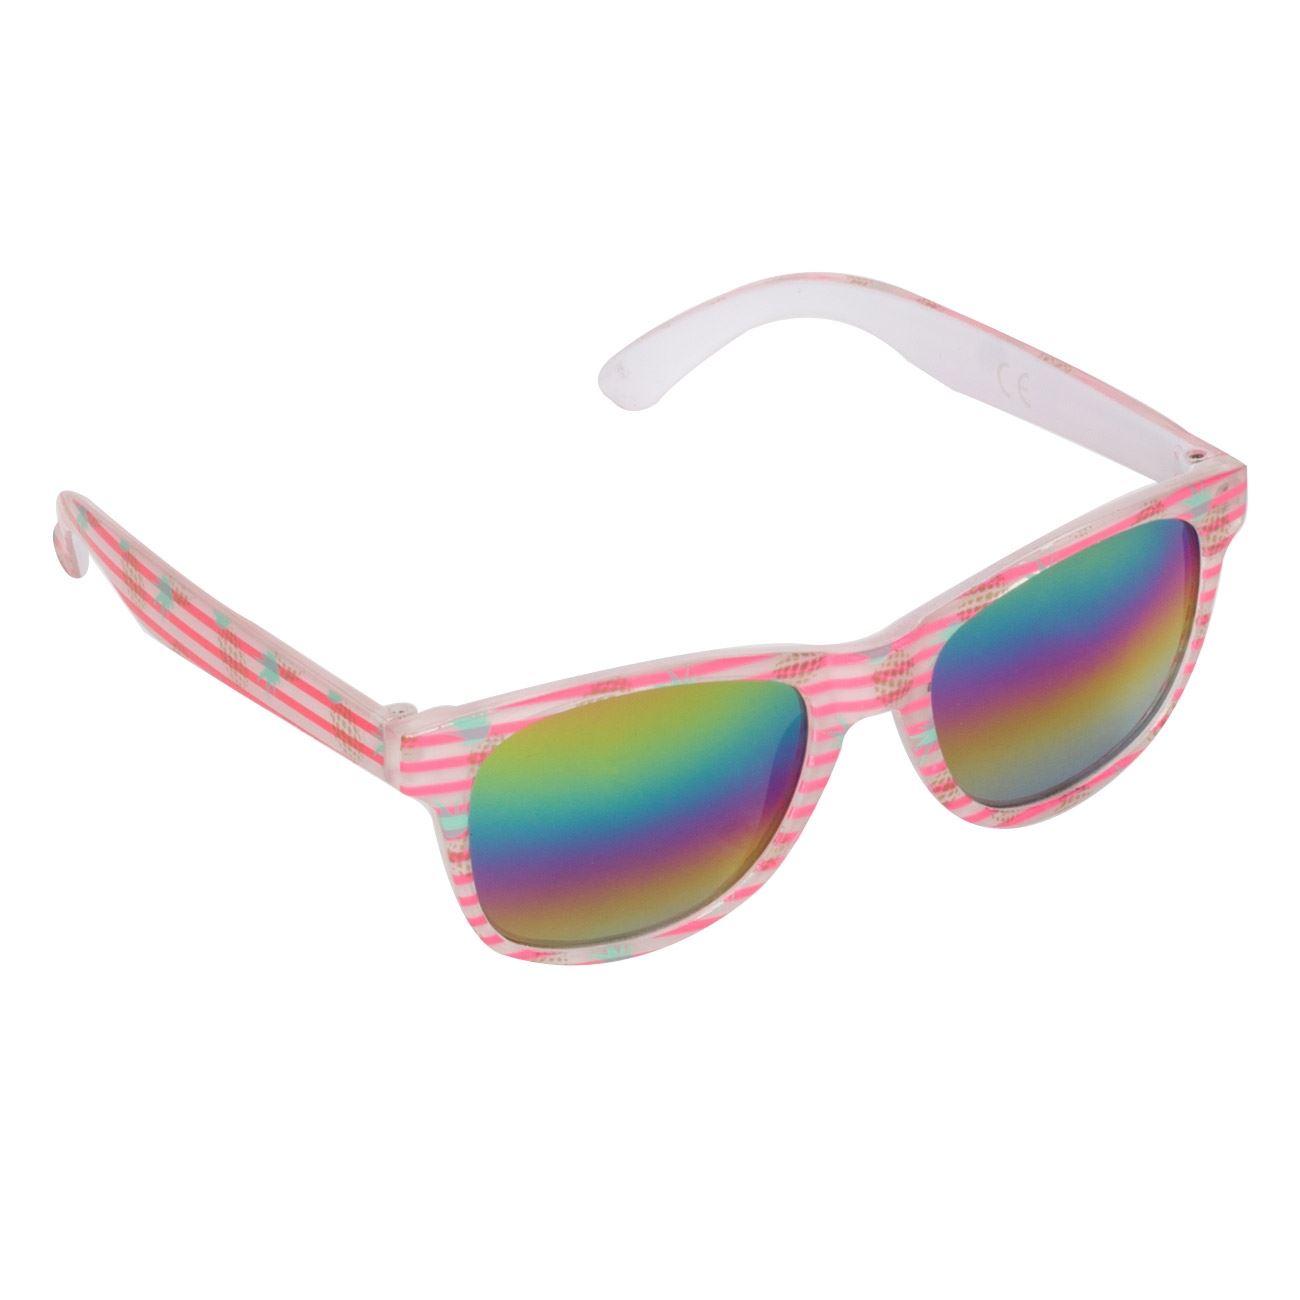 6d918ccf50 Γυαλιά Ηλίου Παιδικά Φούξια Ριγέ Καθρέφτες   Γυαλιά Ηλίου Για Κορίτσια